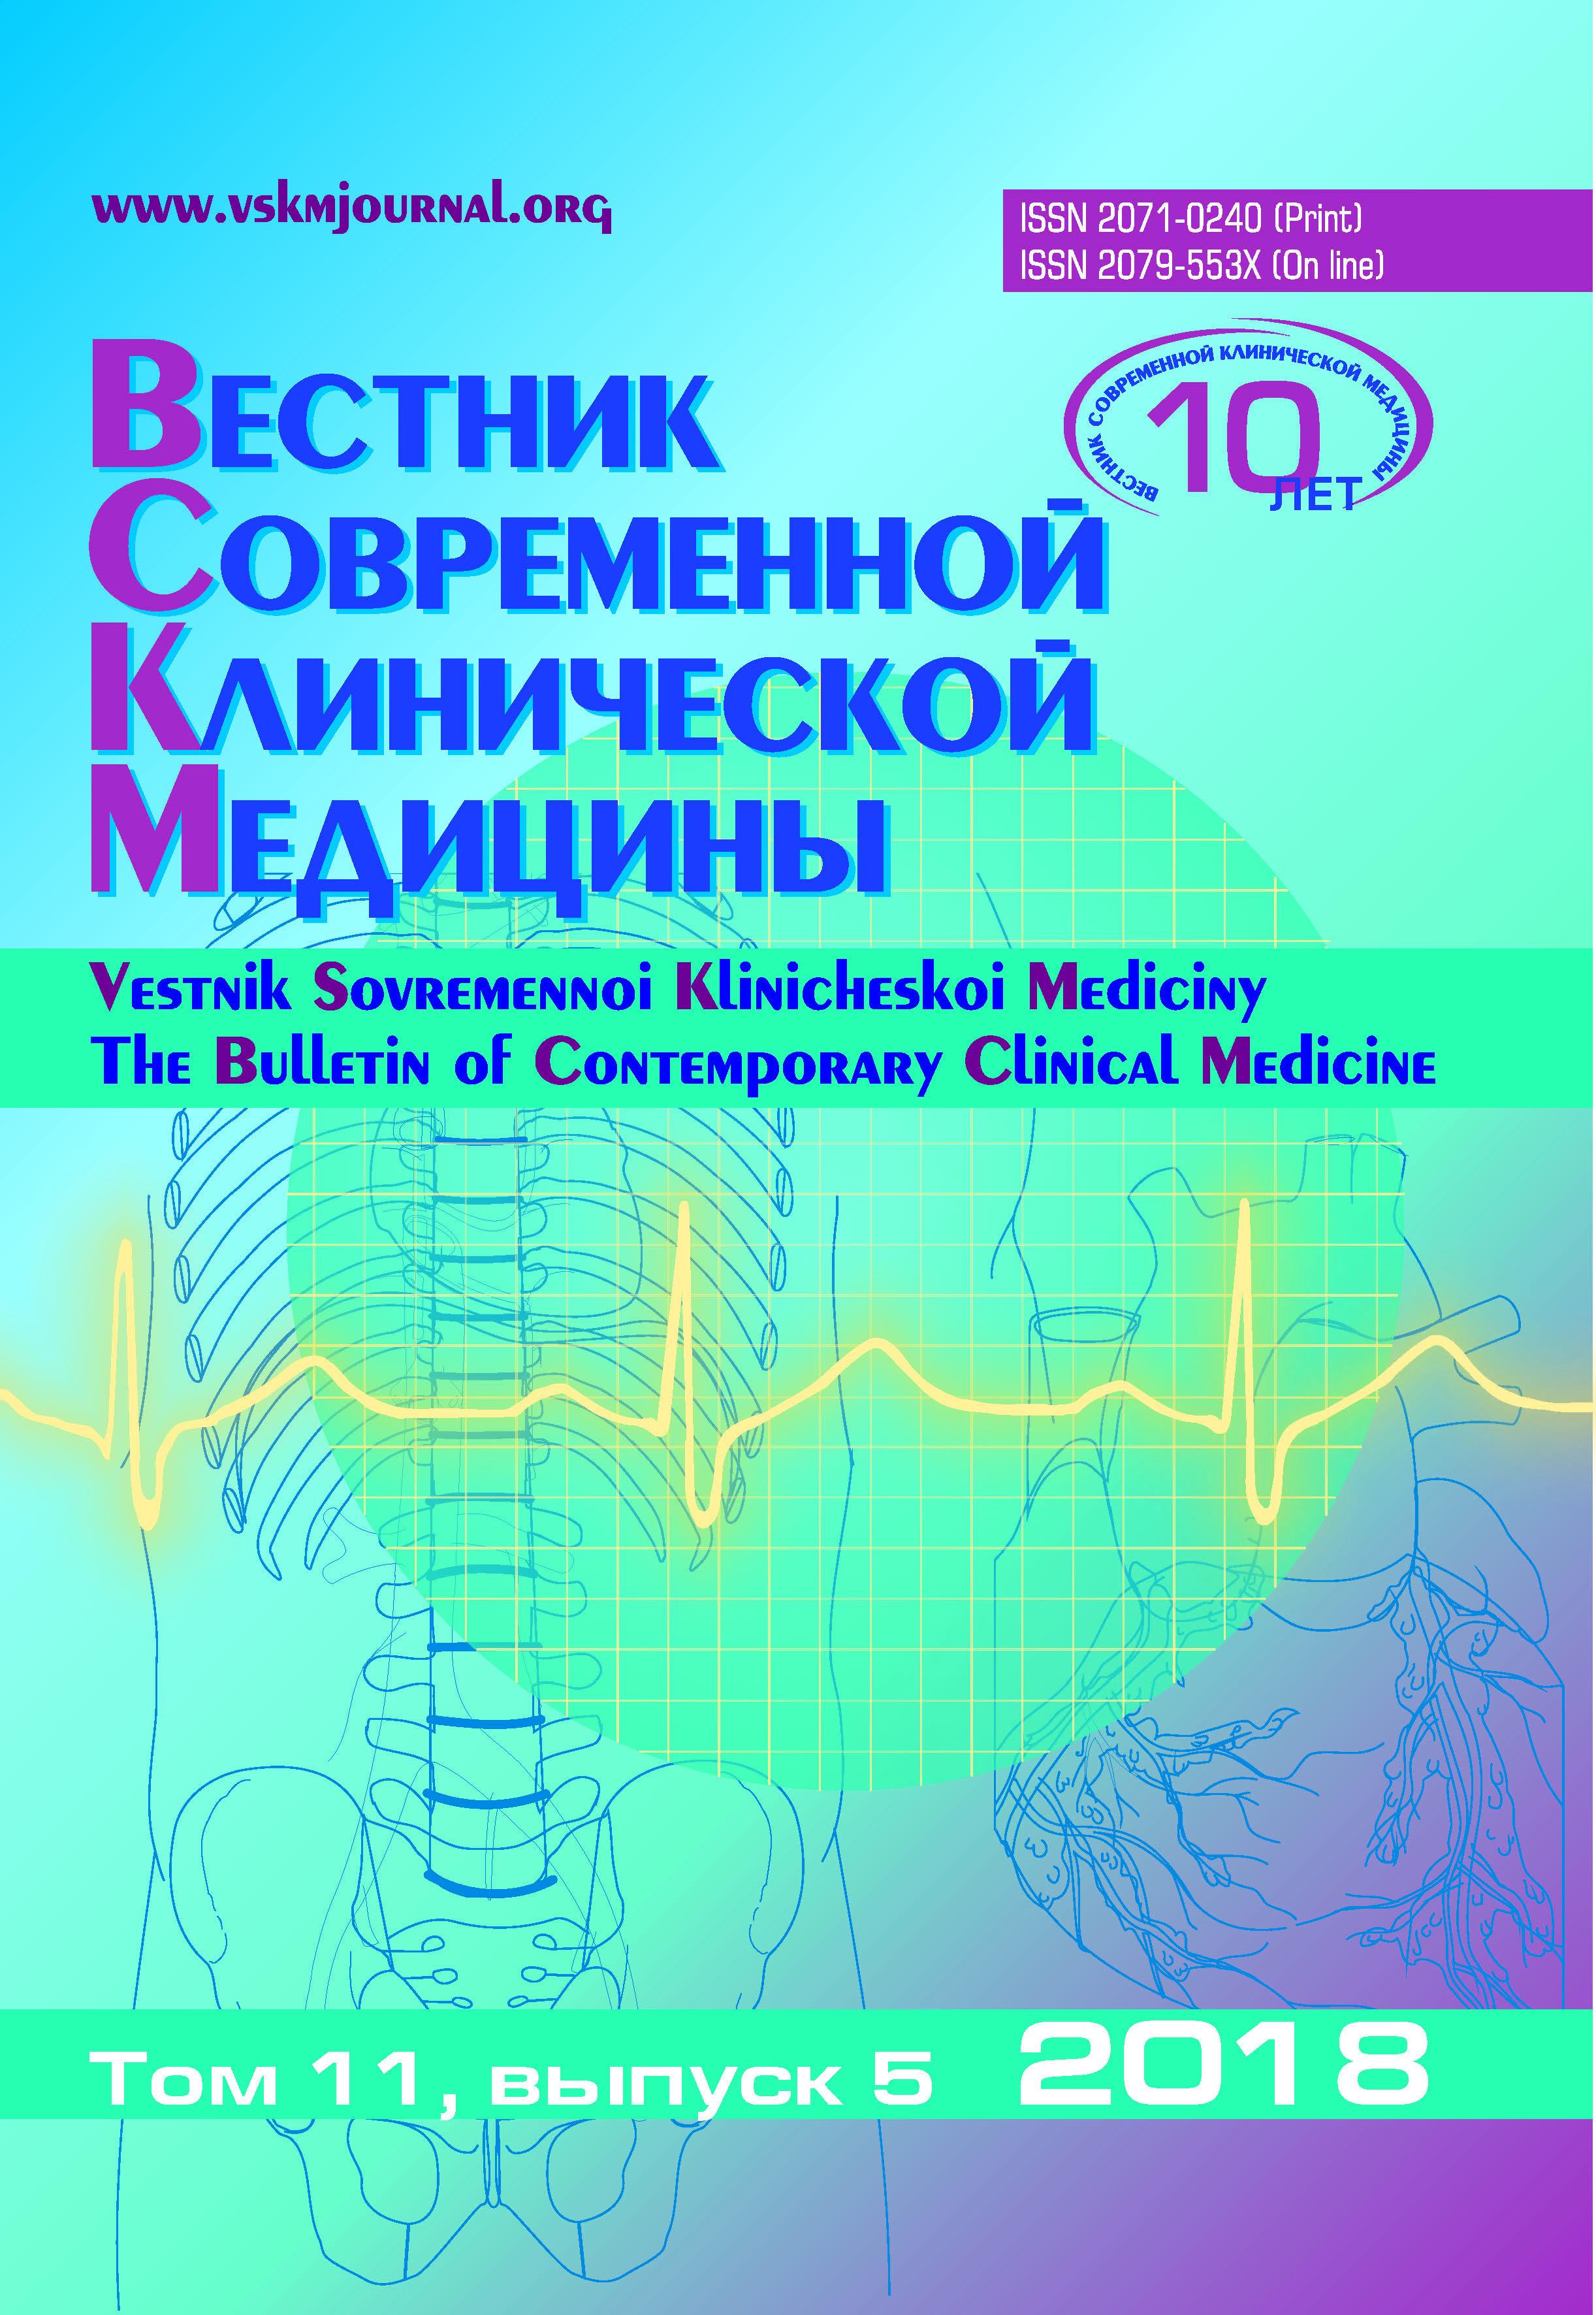 Vol  11 Issue 5 (2018) - Vestnik Sovremennoi Klinicheskoi Mediciny